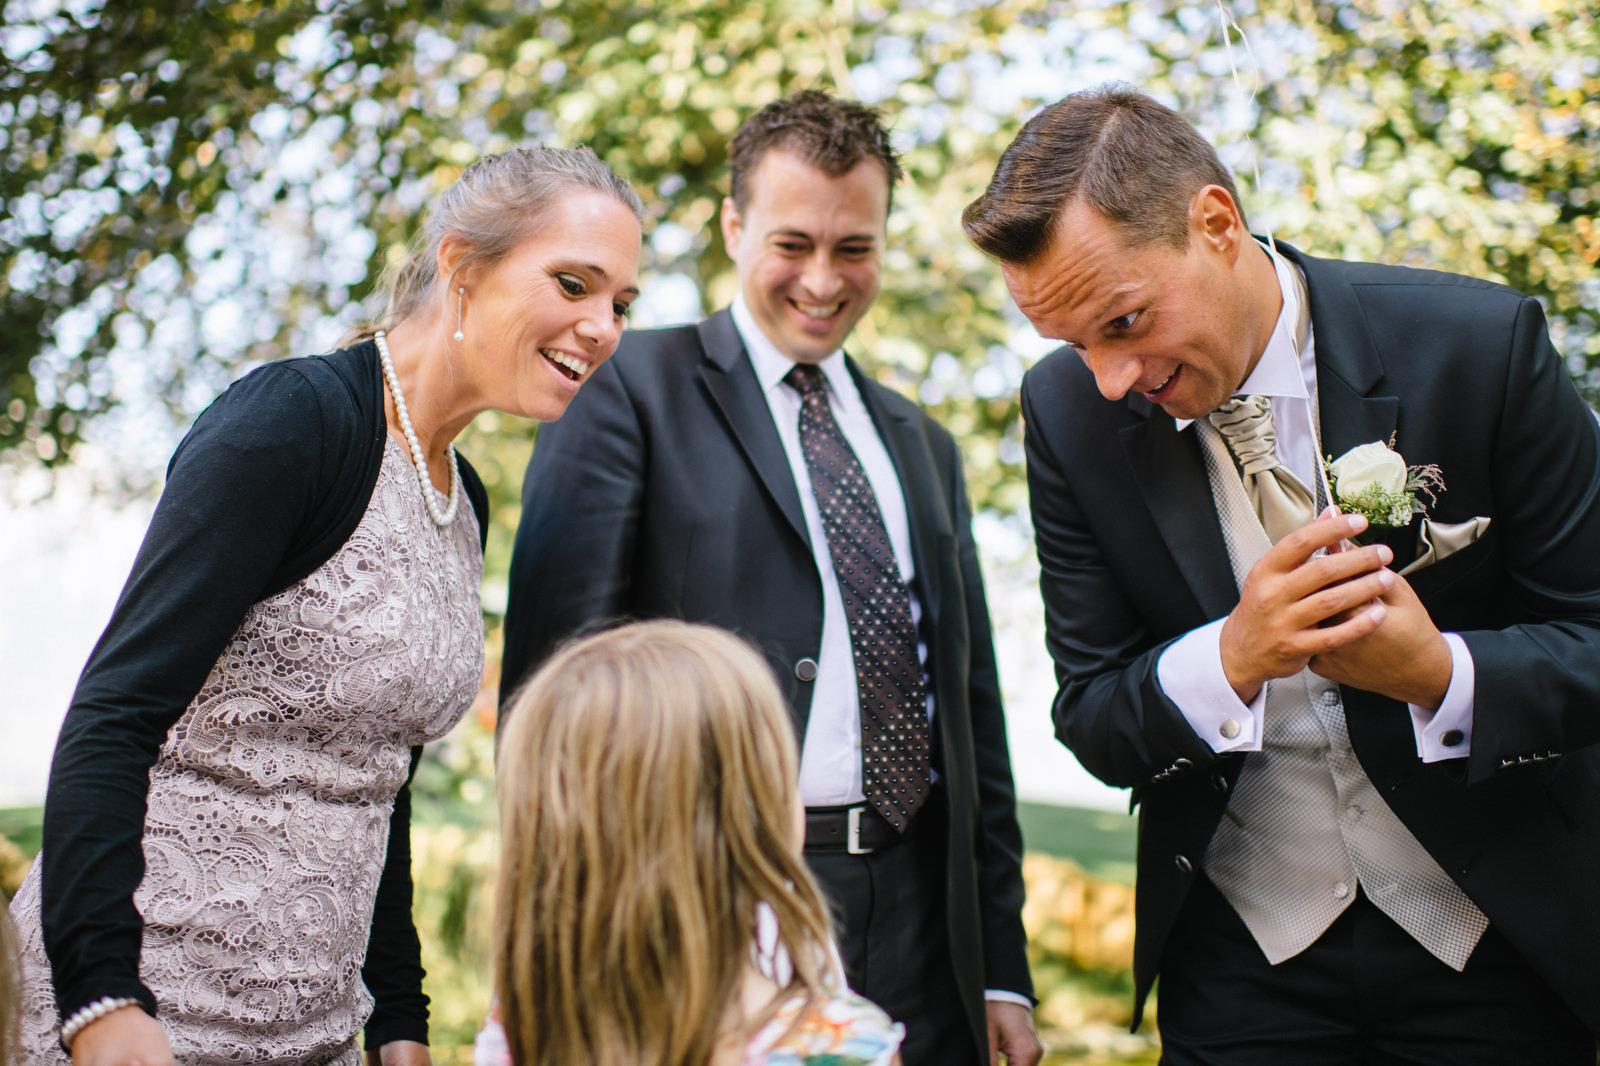 Fotograf Konstanz - Luxus Hochzeit Fotograf Grand Resort Bad Ragaz Schweiz Lichtenstein 124 - Destination wedding at the Grand Resort Bad Ragaz, Swiss  - 177 -